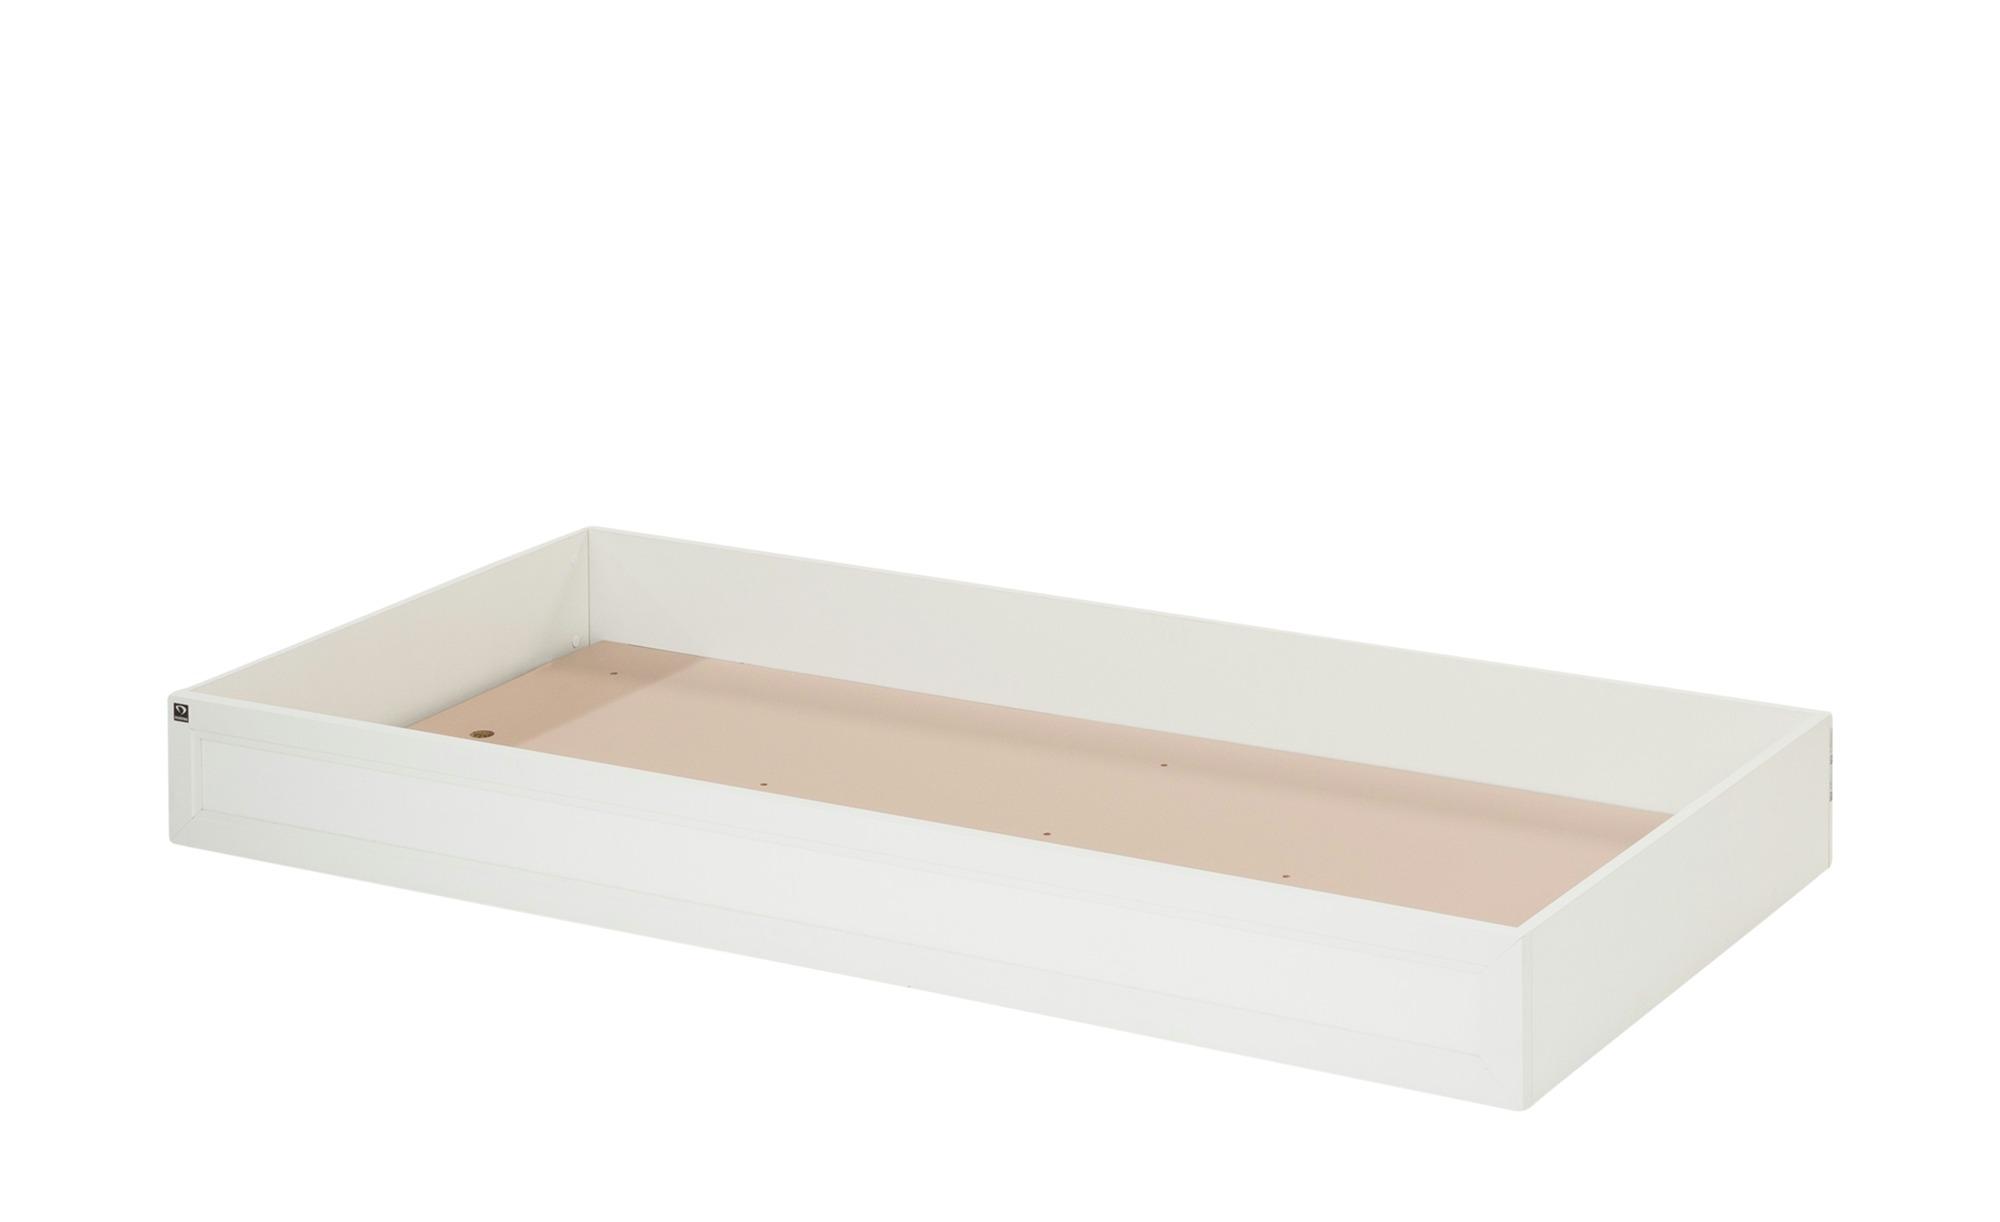 Himmelbett Fairytale, gefunden bei Möbel Höffner